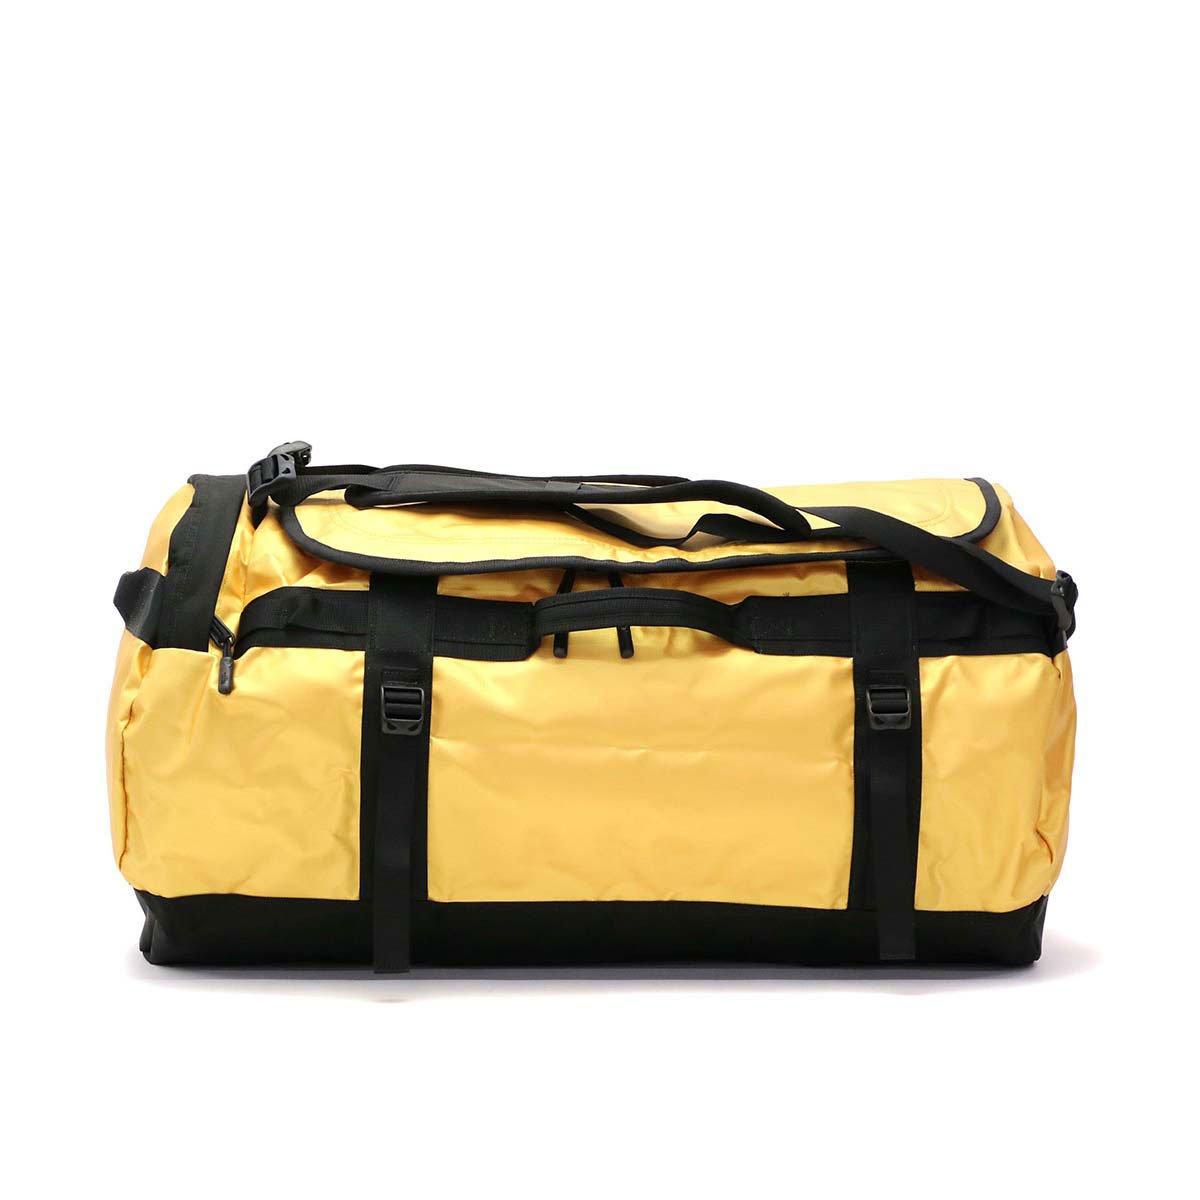 [ザノースフェイス] リュック BC Duffel L NM81552 B01HPTAPGW ゴールド×ブラック(GB) ゴールド×ブラック(GB)